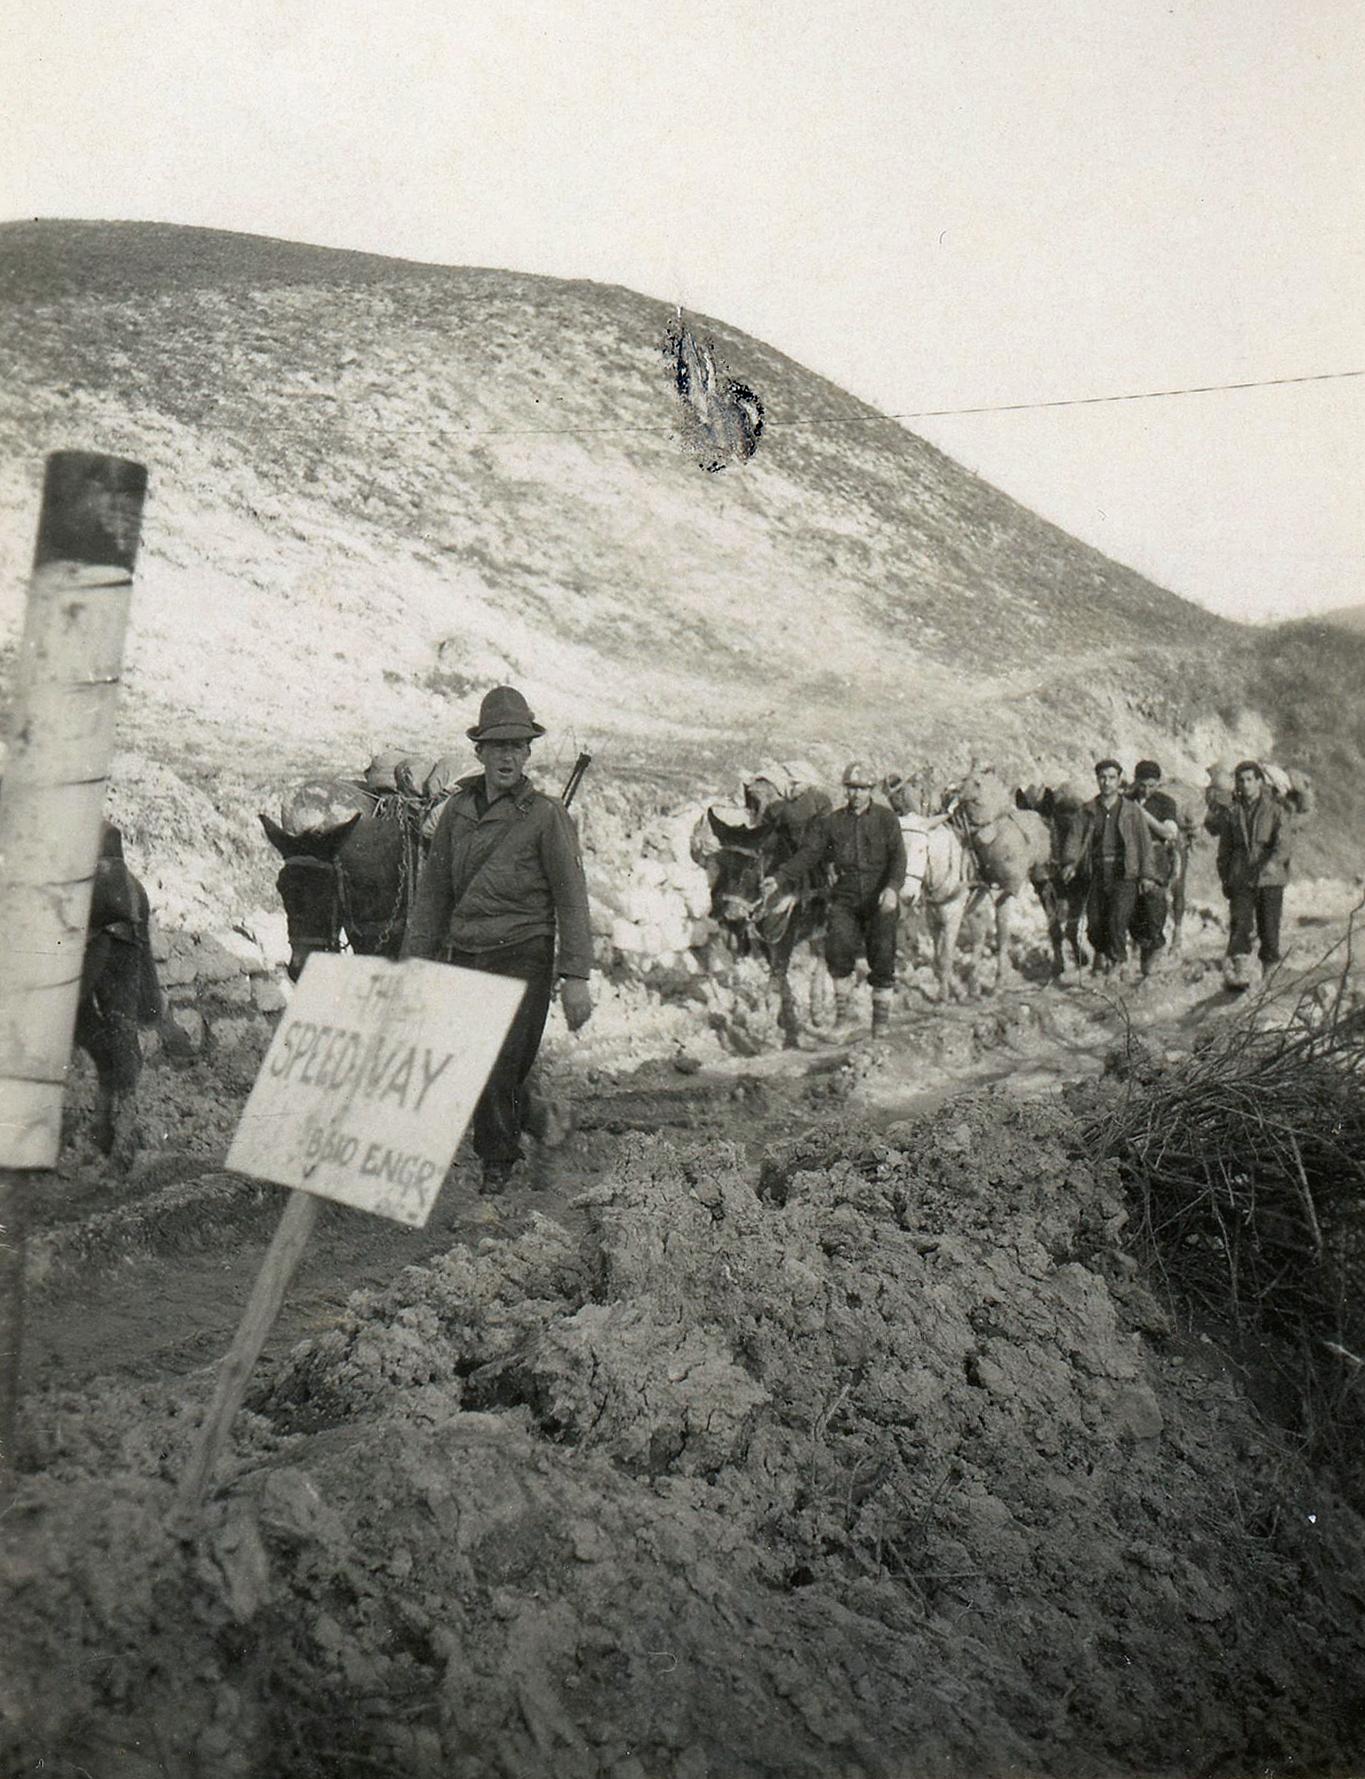 Mules Italy c. 1945